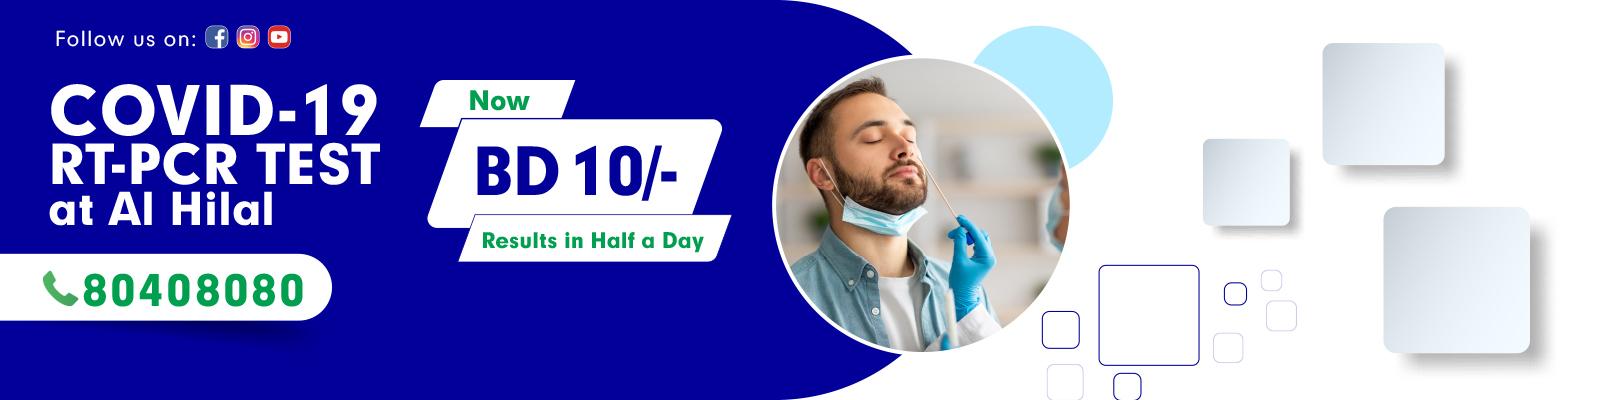 ALH-Website-Banner-RT-PCR-10-BD